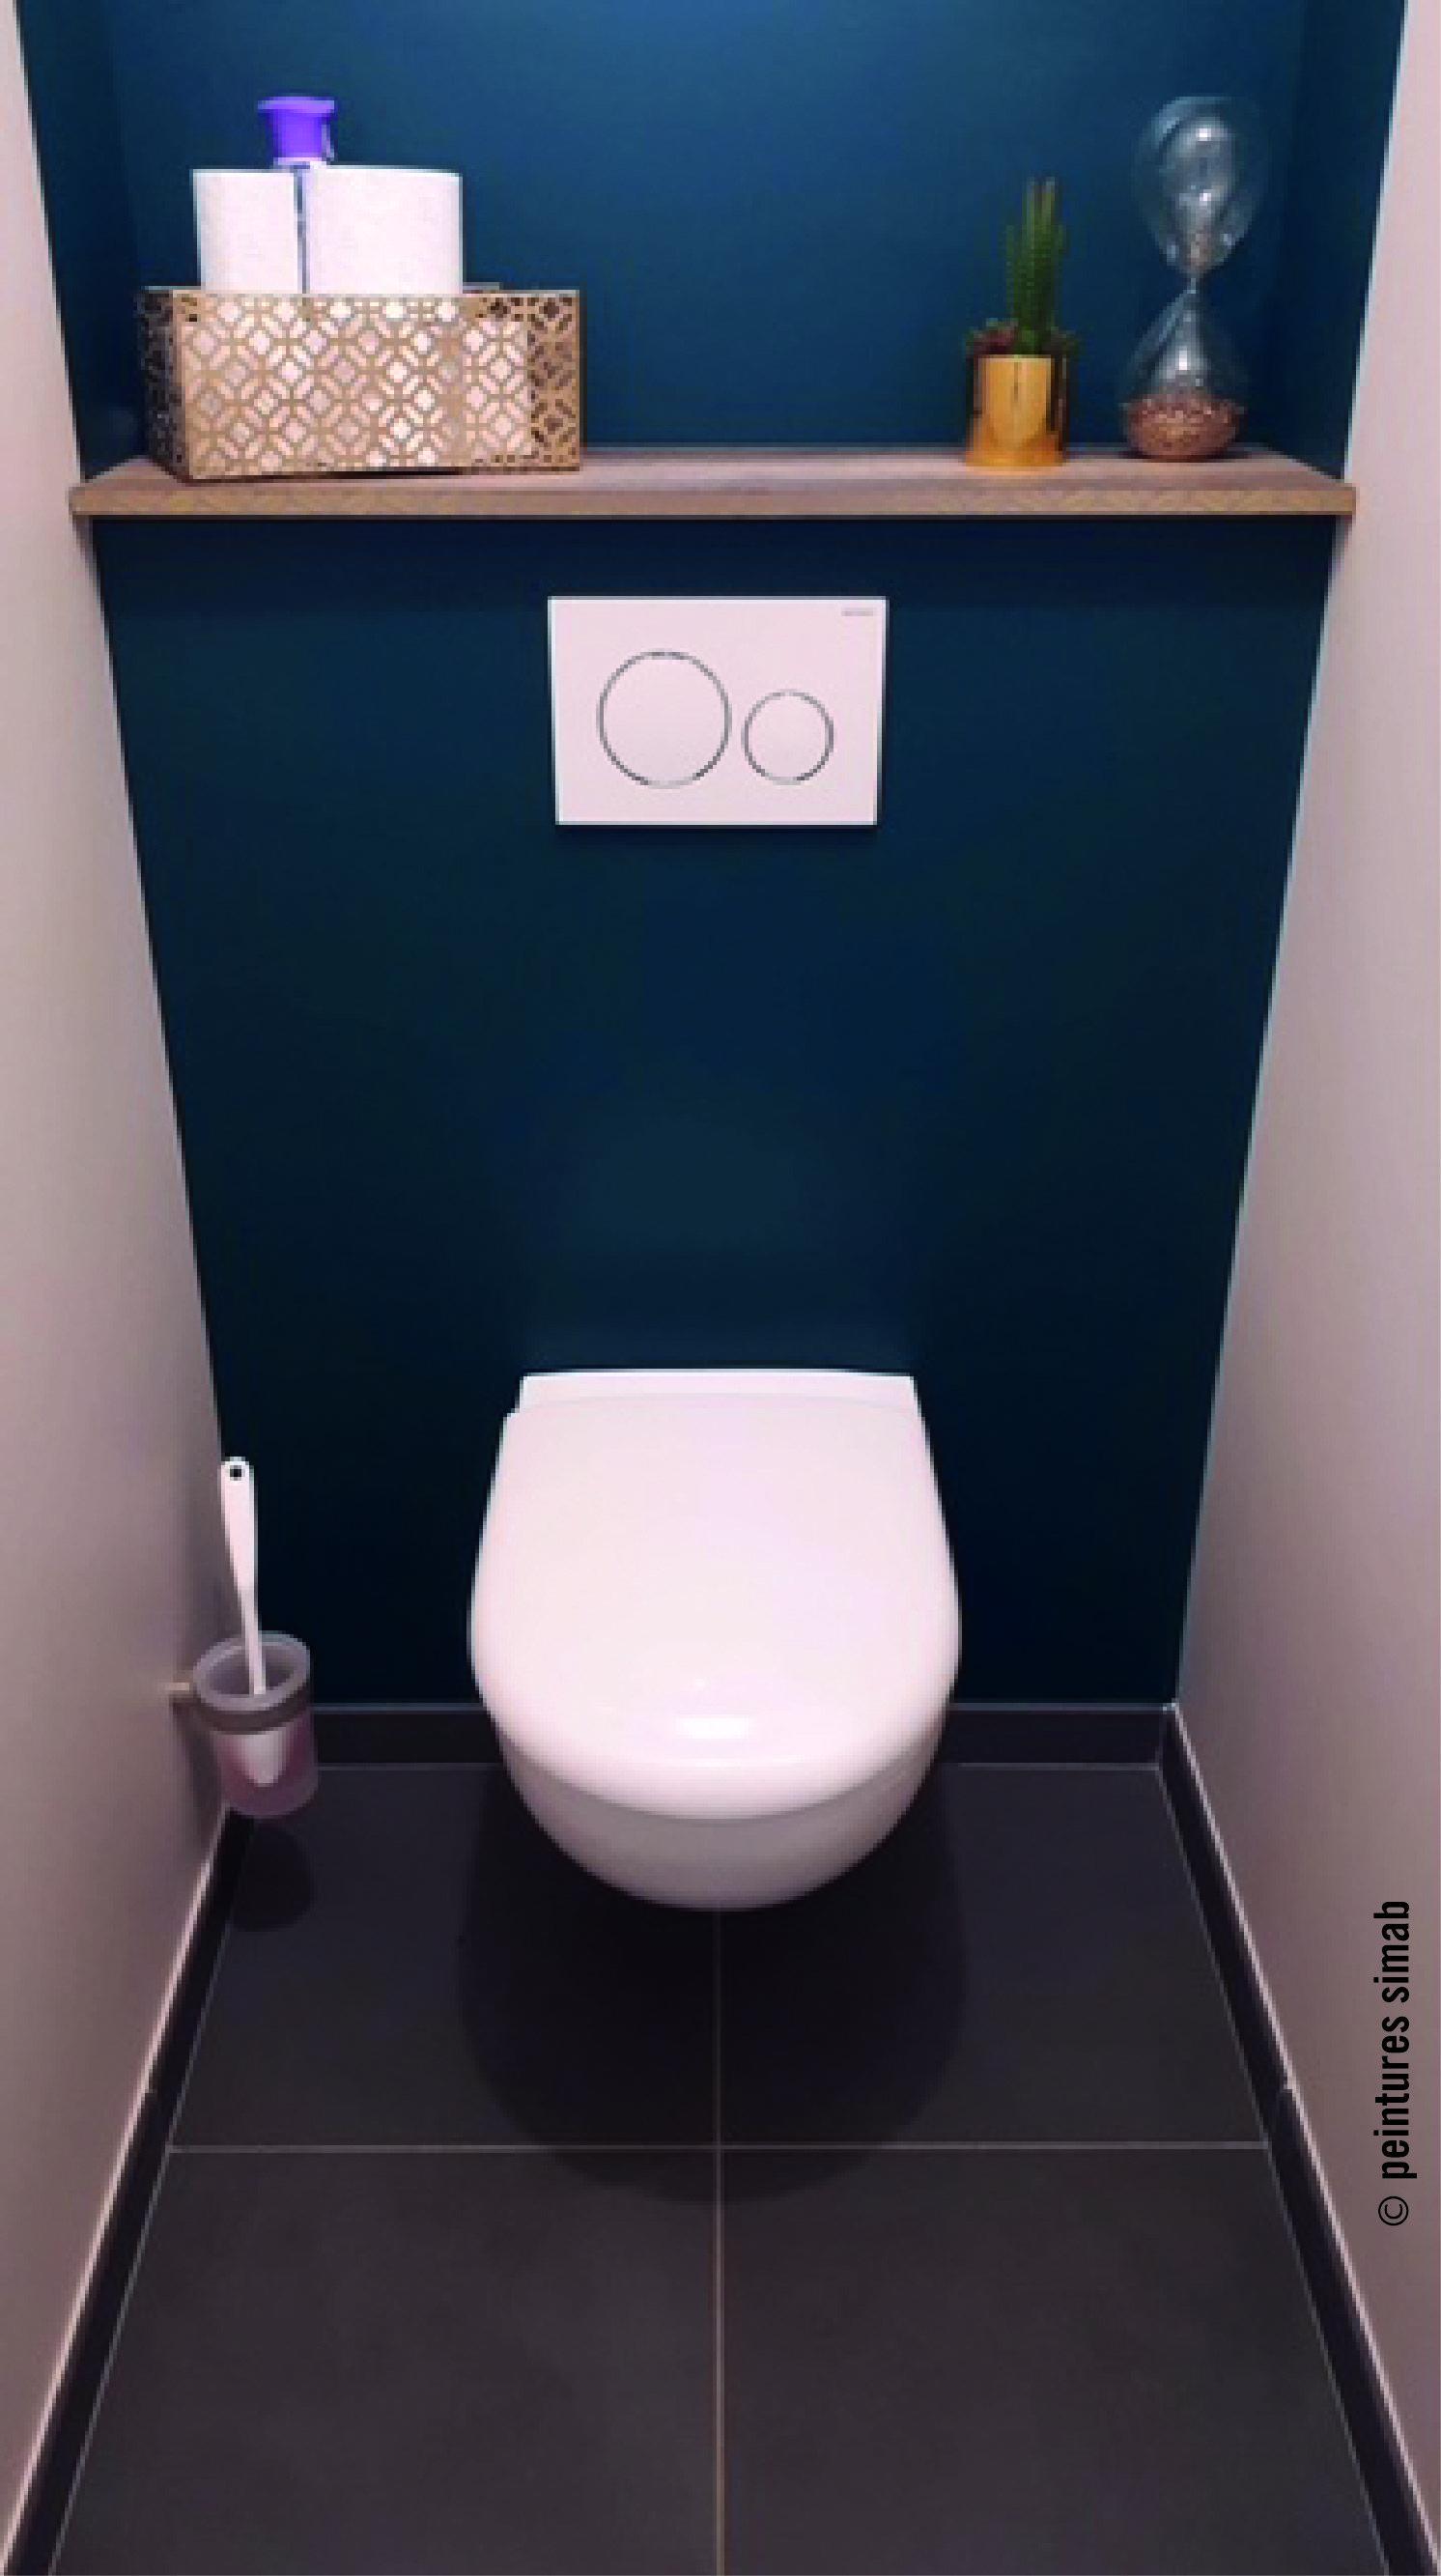 Réalisations & Inpirations Le Magasin D'Usine | Wc ♥️ pour Toilette Noir Suspendu